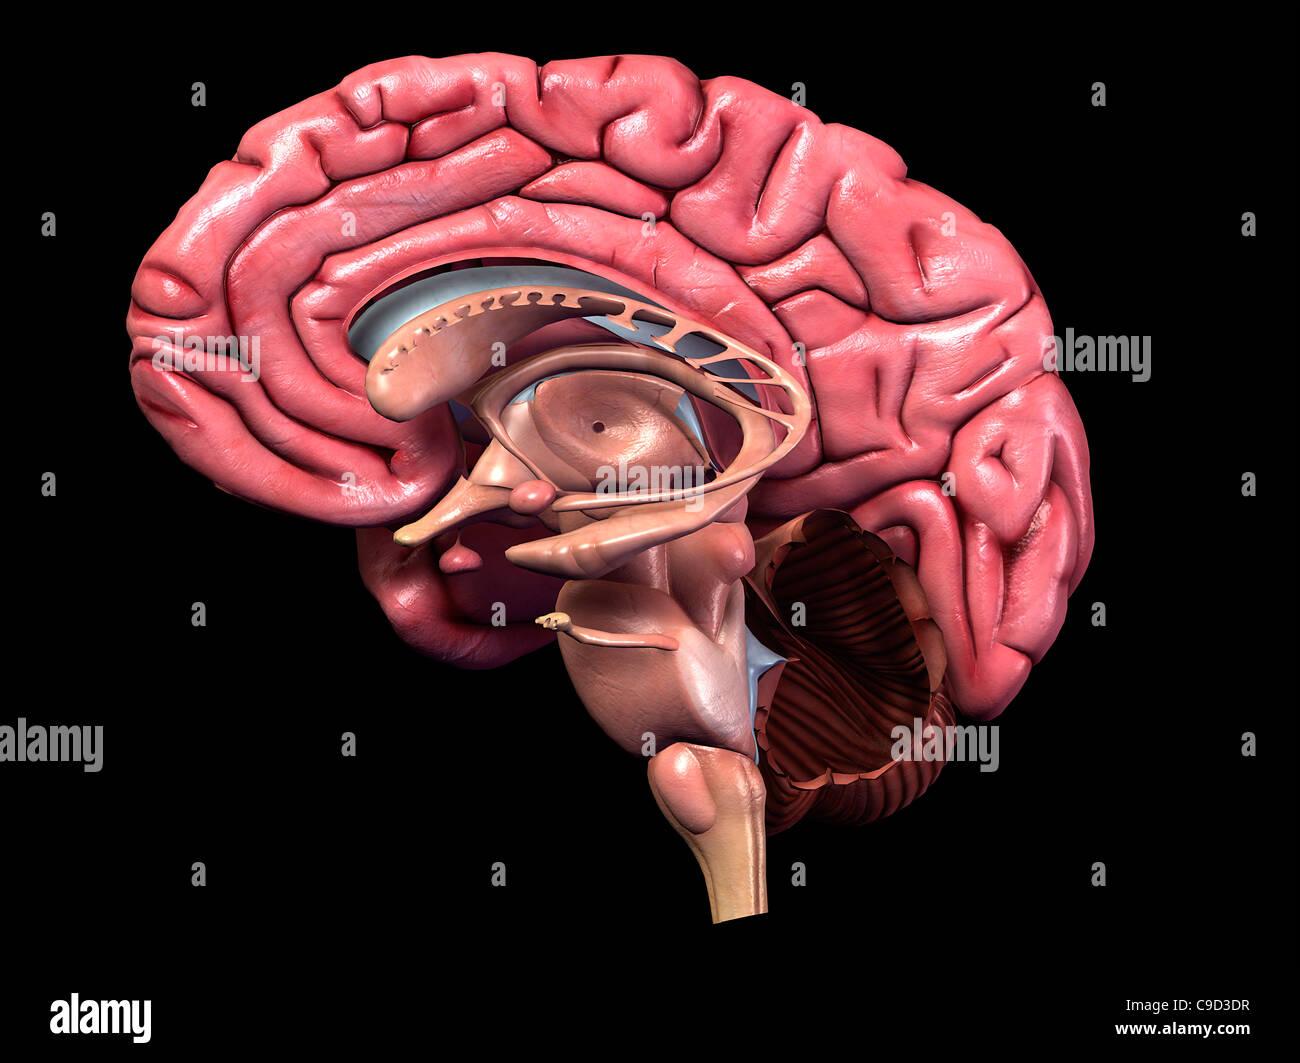 Farbdruck, detaillierte menschliche Gehirn Anatomie, 3-d ...